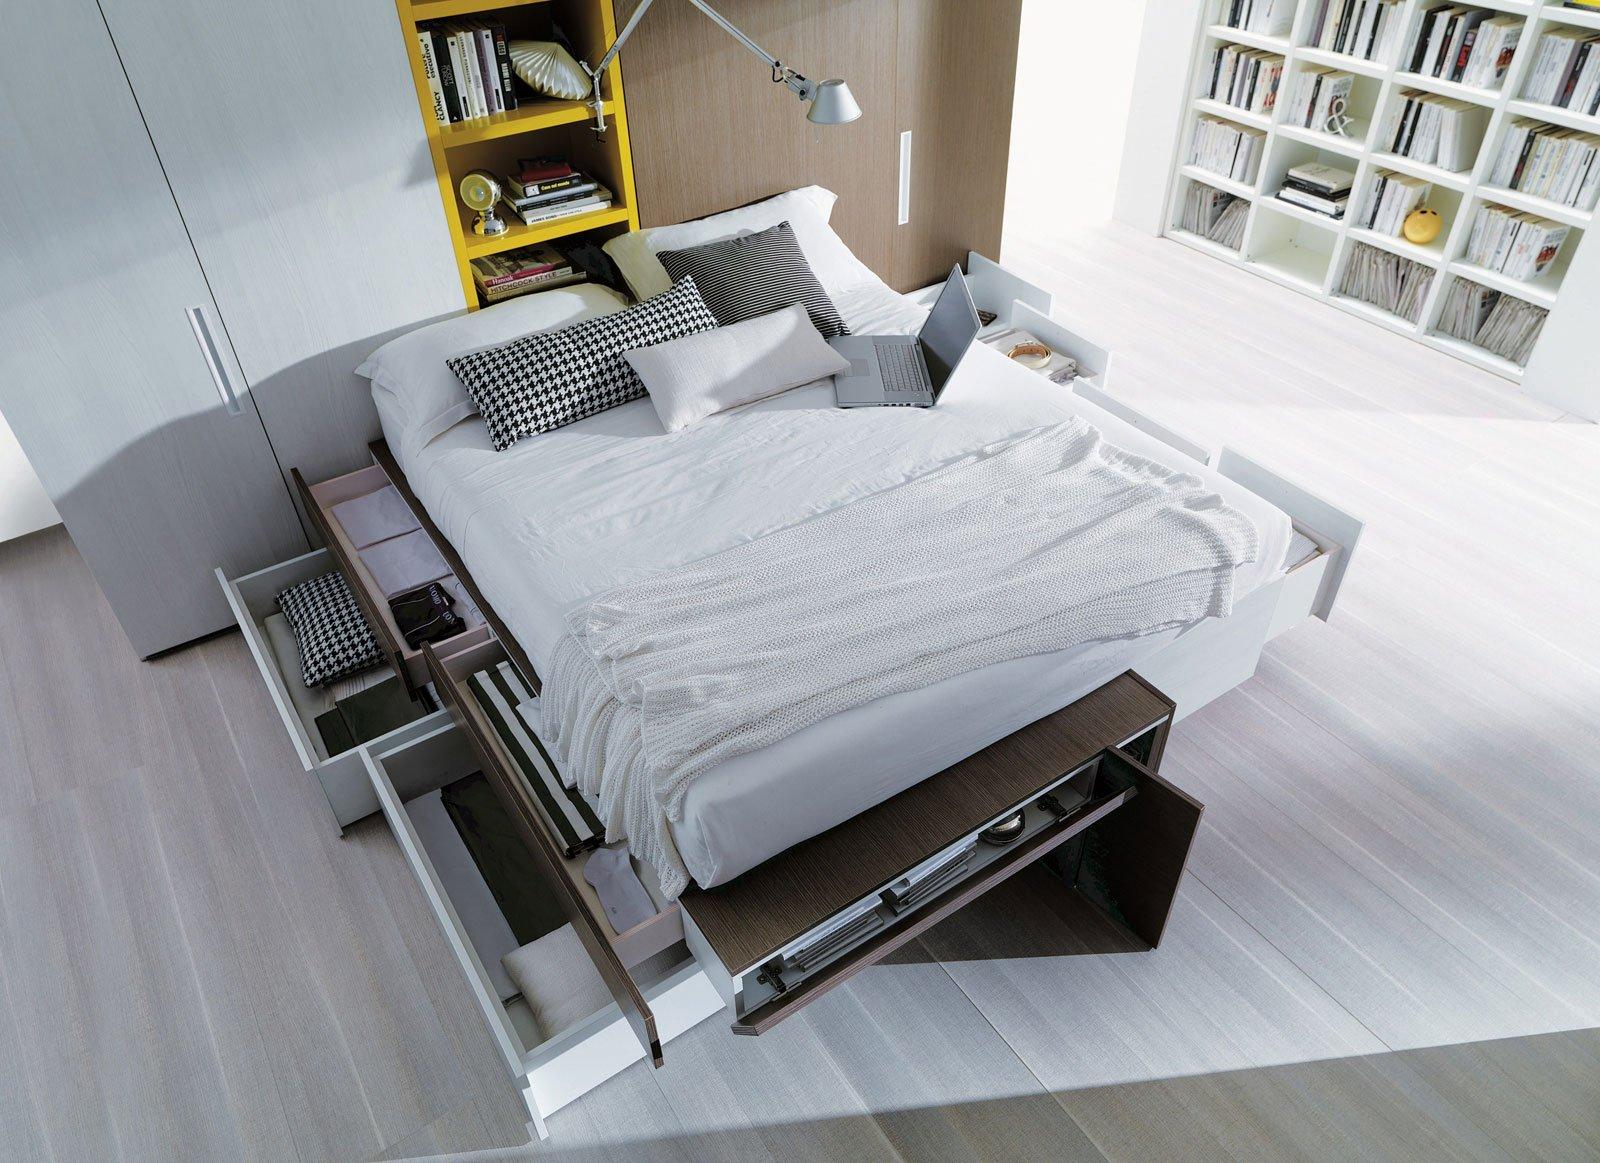 Mobili e accessori salvaspazio per la camera da letto for Immagini mobili